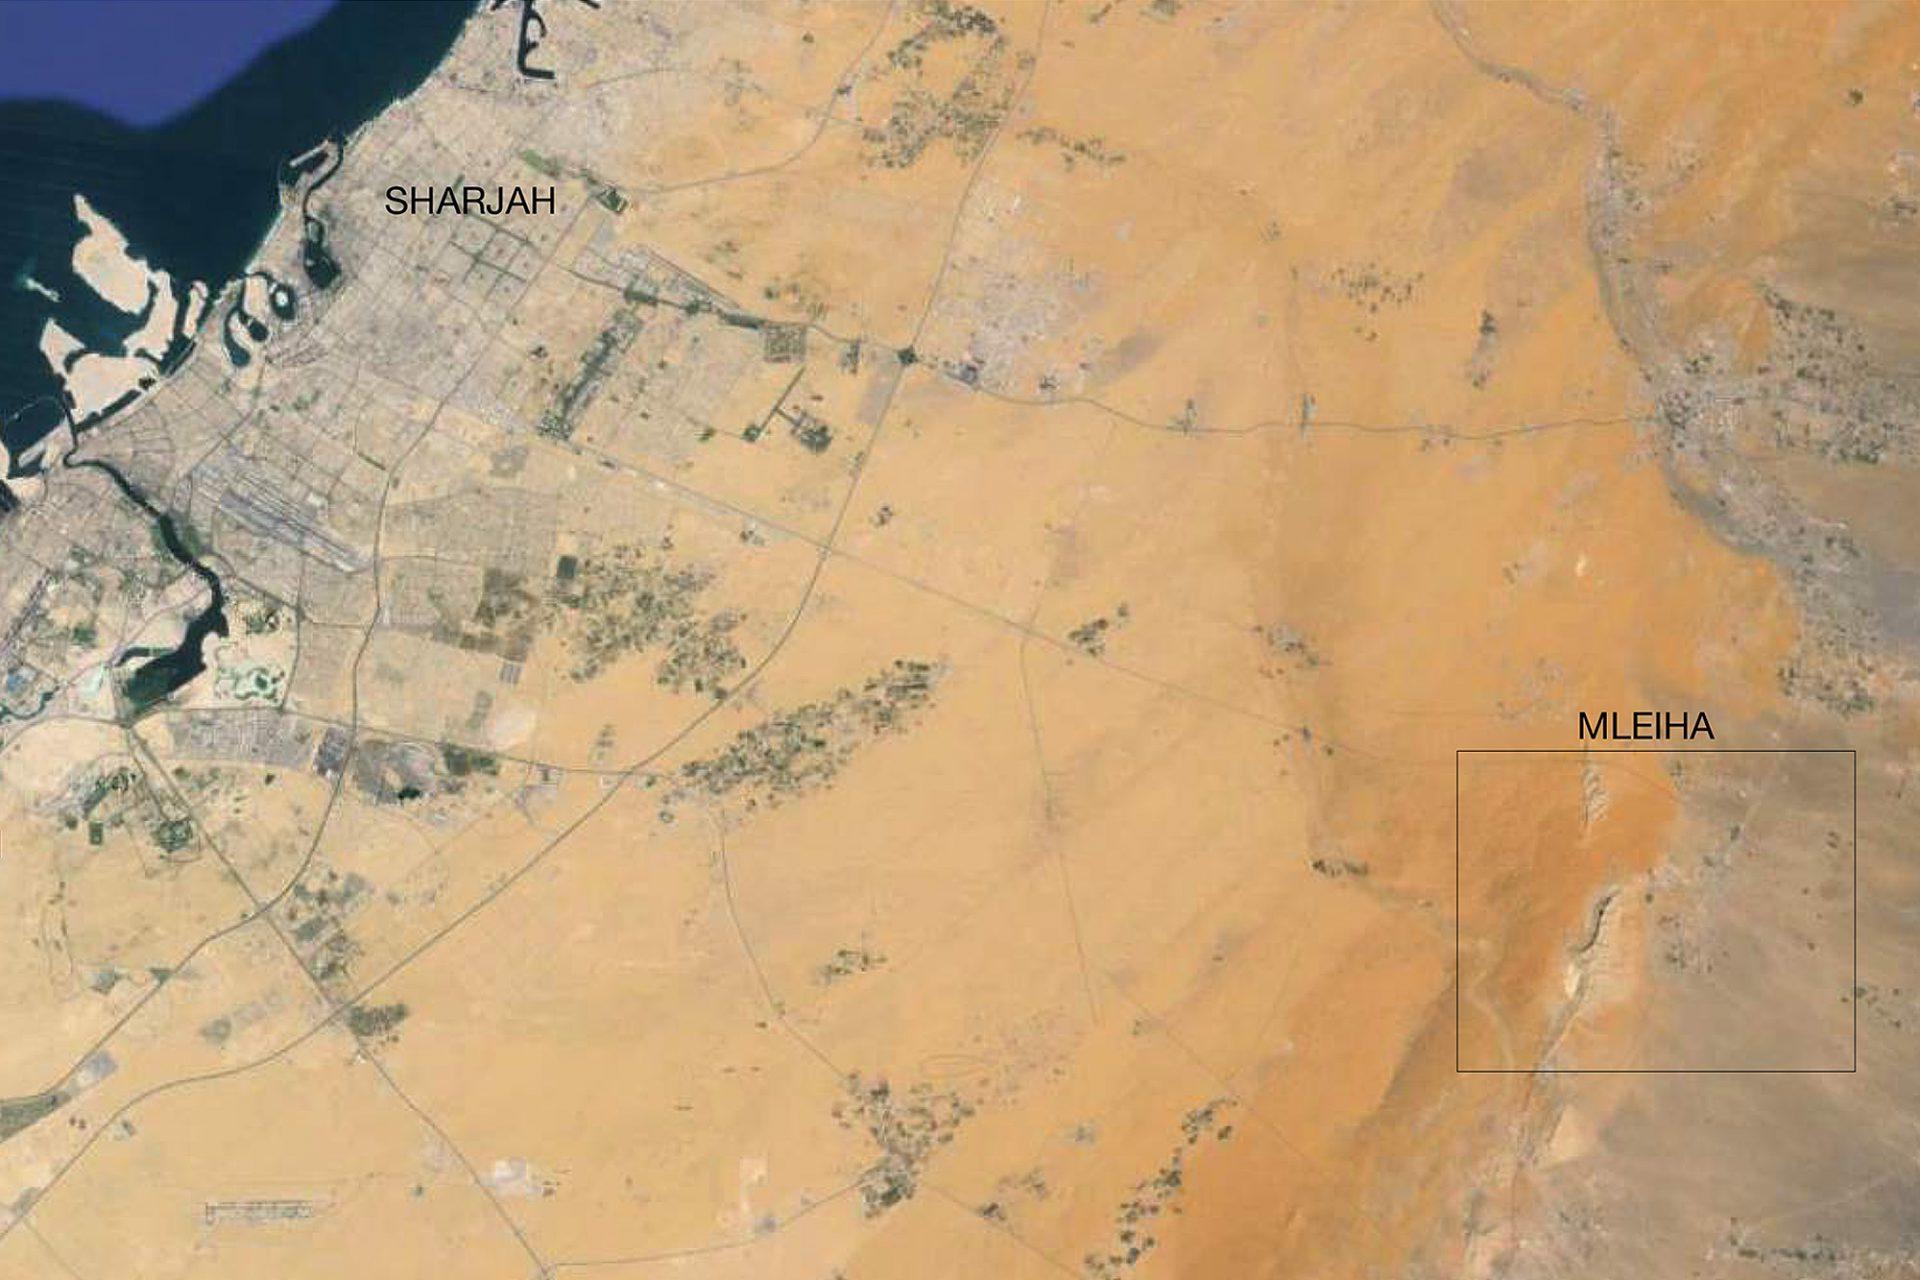 Mleiha. Die Siedlung liegt im Landesinneren, etwa sechzig Kilometer östlich von Sharjah Stadt entfernt.